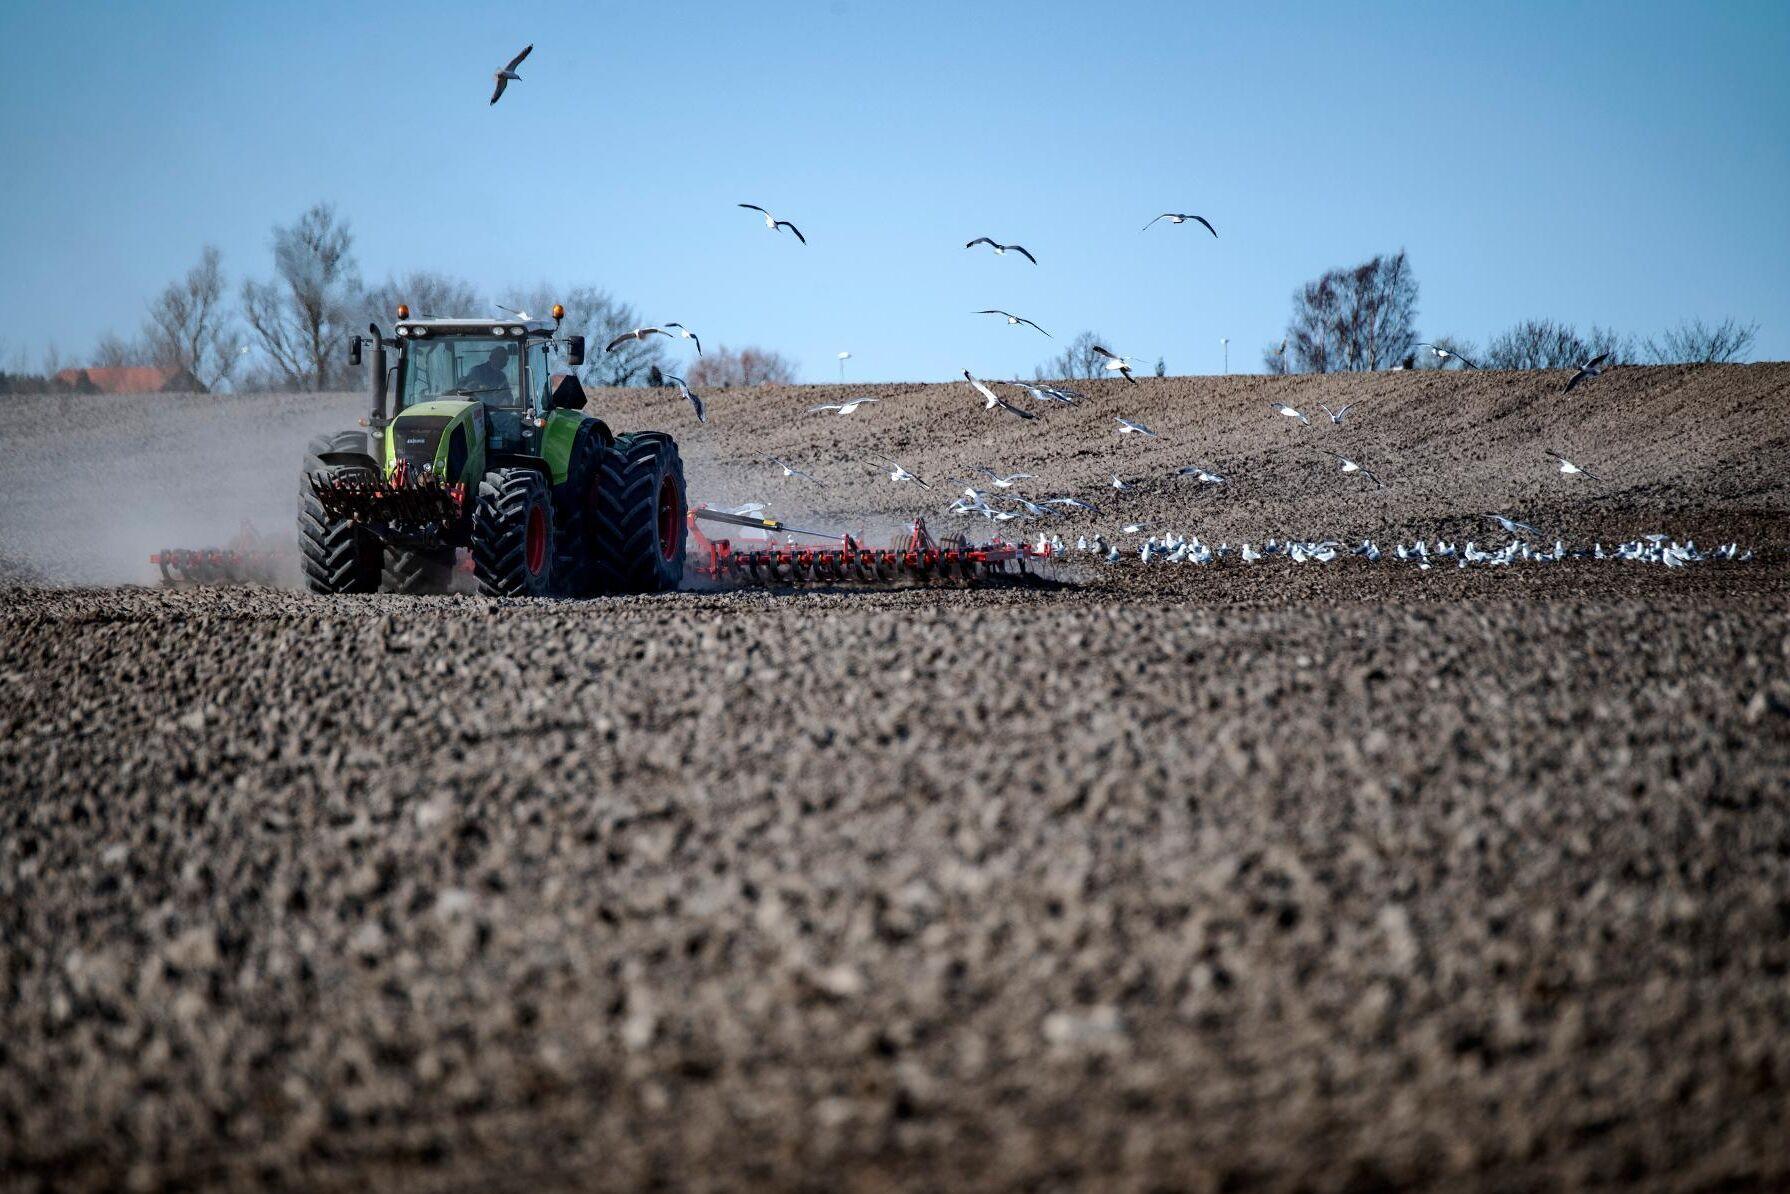 Mer klirr i kassan får tillfrågade lantbrukare att vilja fixa underhåll av maskiner och byggnader, investera i verksamheten eller nyanställa.